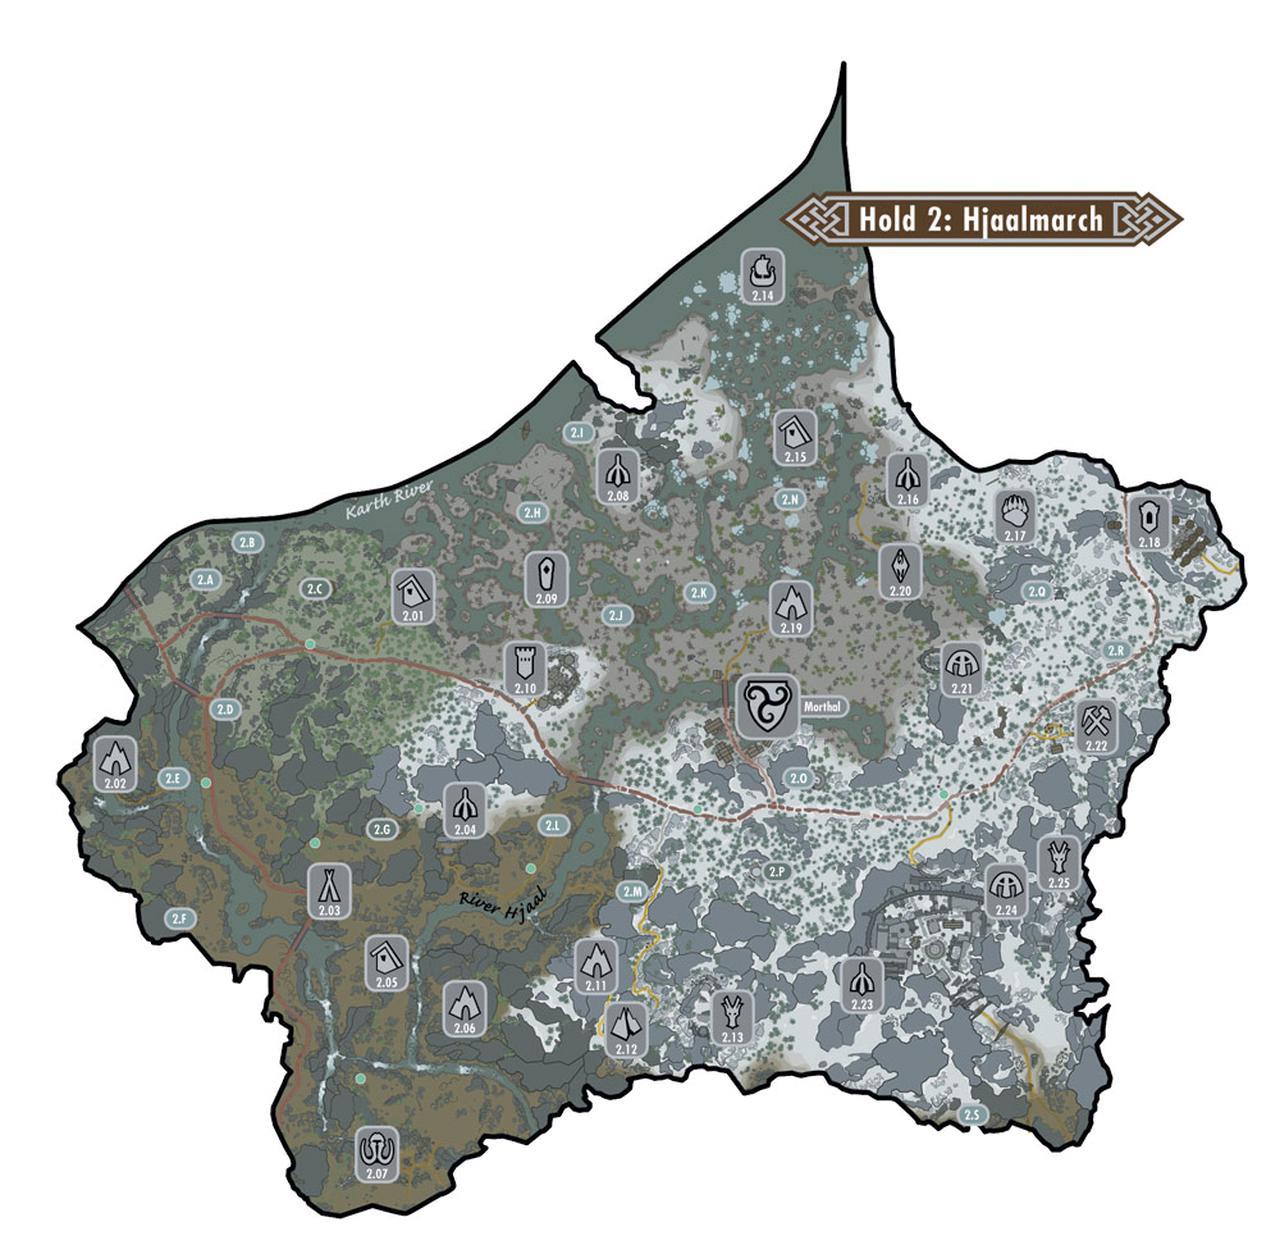 上古卷轴5世界地图希雅陲领其它地点